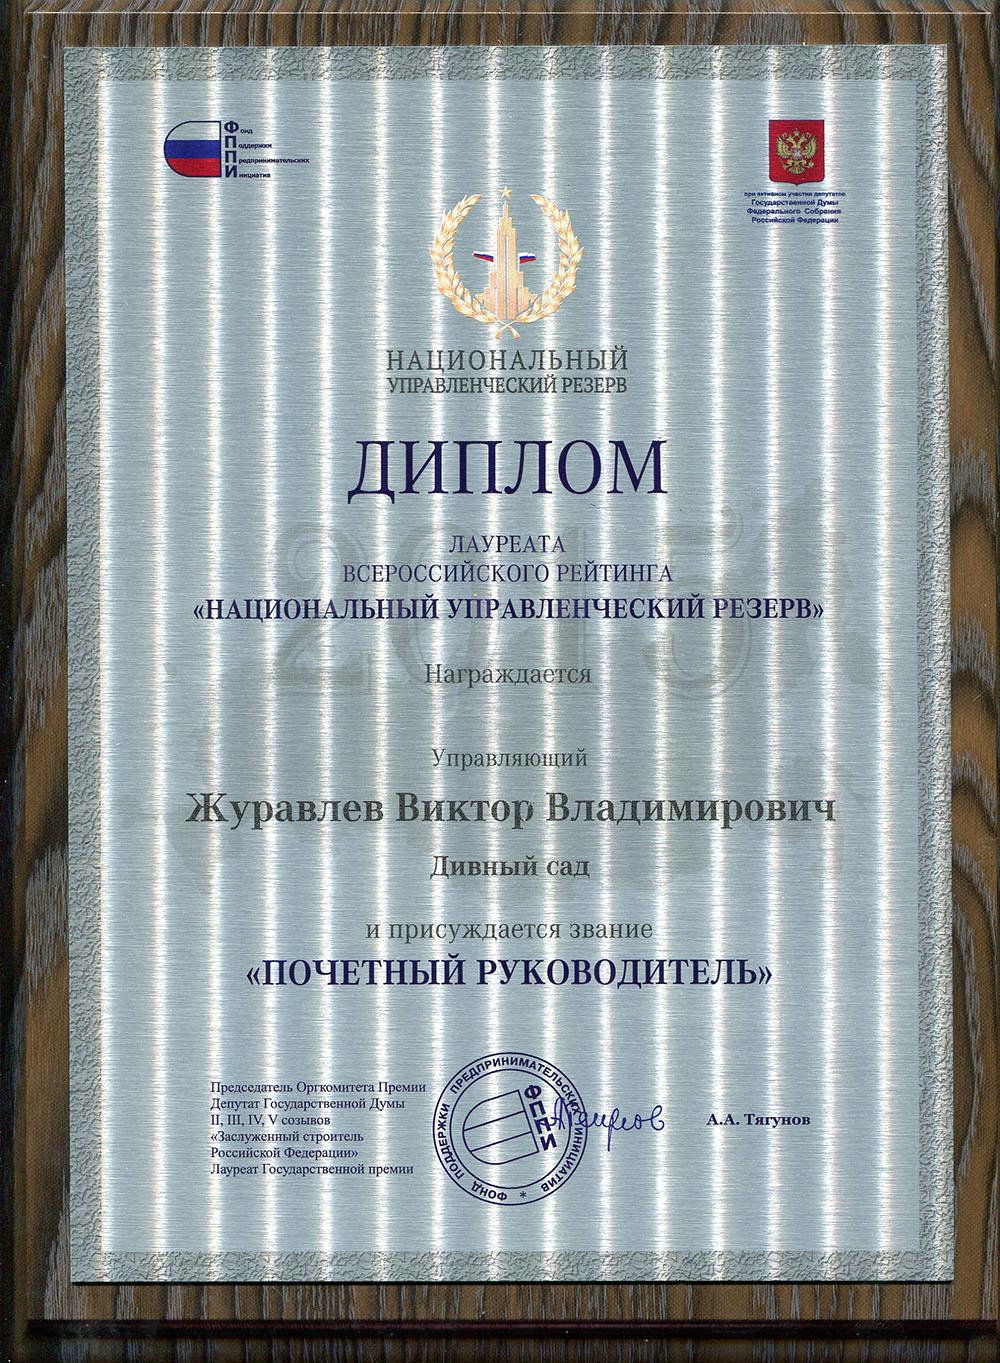 """Диплом лауреата всероссийского рейтинга """"Национальный управленческий резерв"""""""